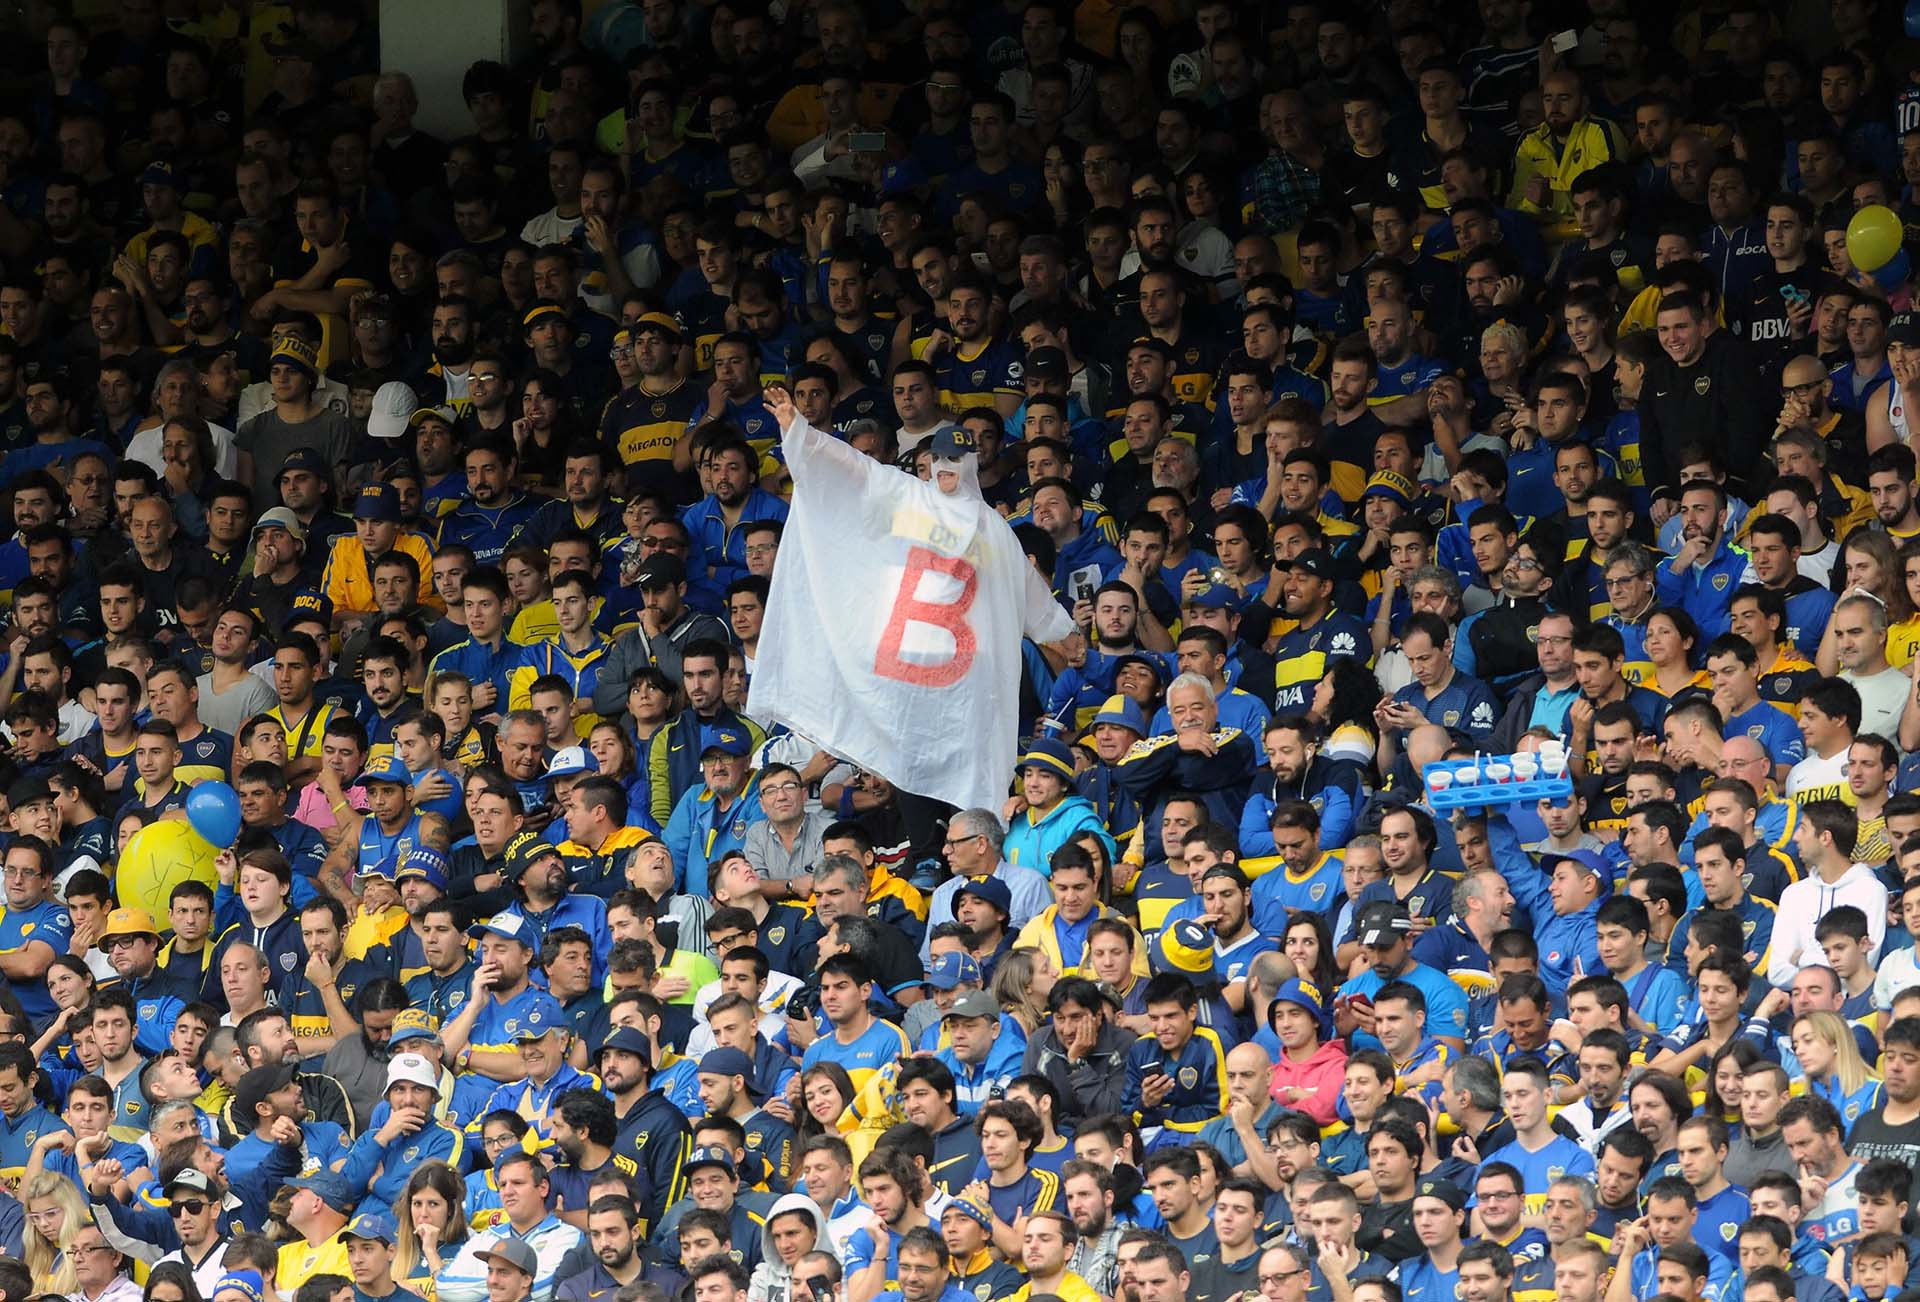 """El ya clásico """"Fantasma de la B"""", en la tribuna de Boca"""